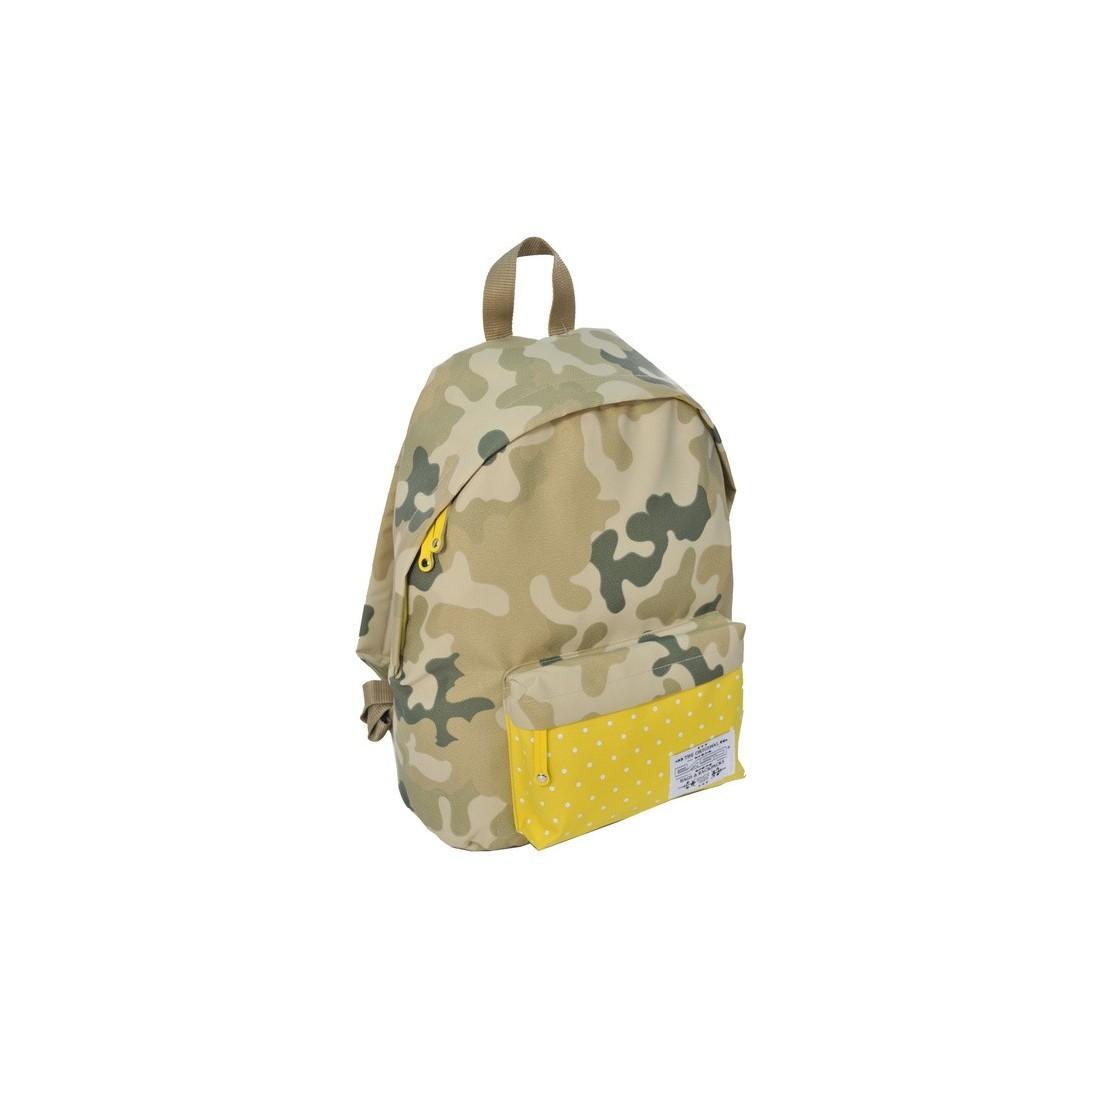 Plecak Młodzieżowy Moro Khaki Zółty w kropki